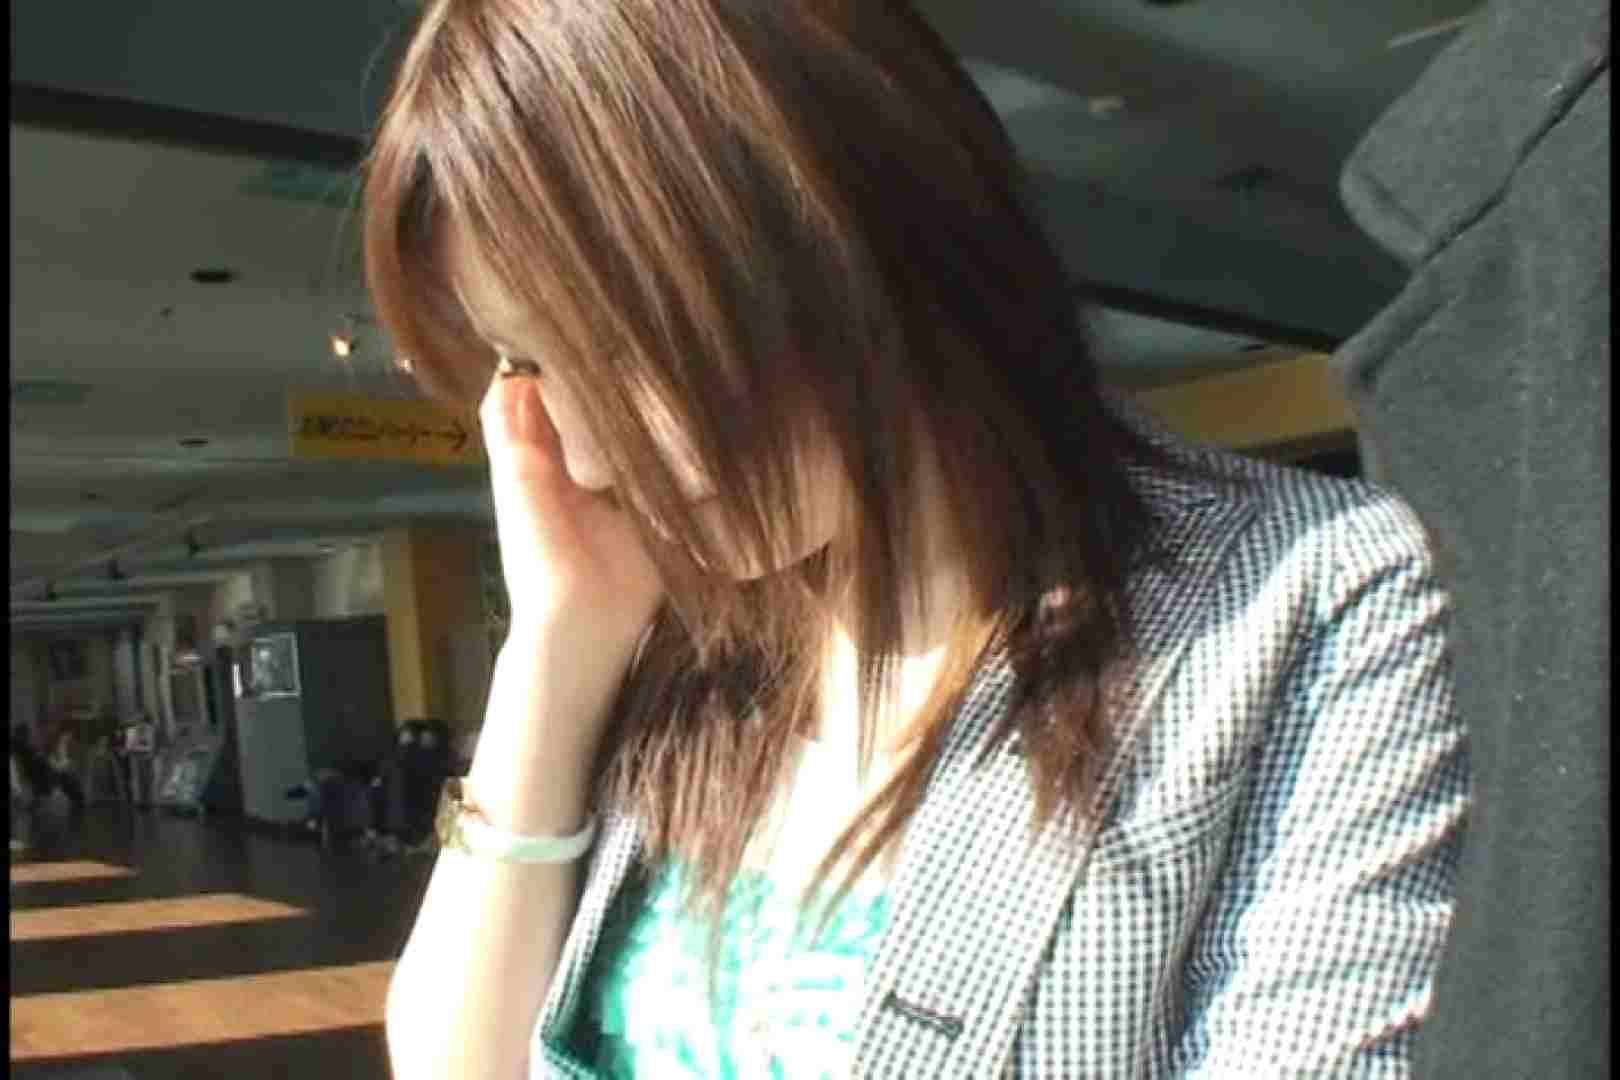 JDハンター全国ツアー vol.042 前編 エロい女子大生  10枚 4